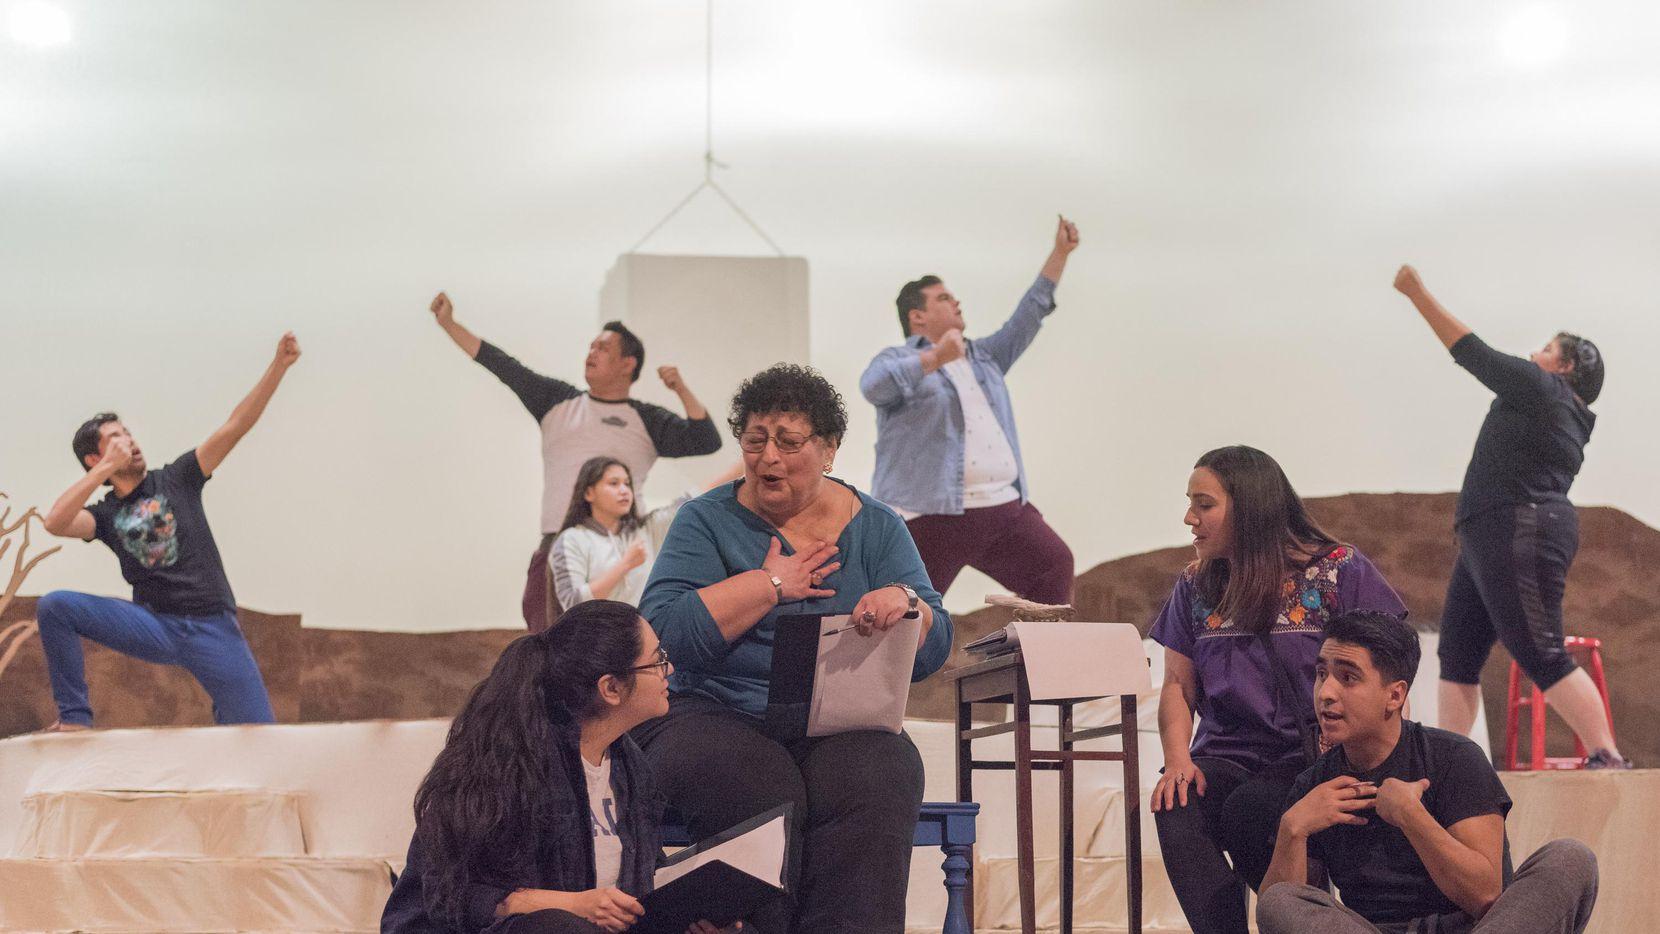 """Un ensayo de la semana pasada para la obra """"Yana Wana's Legend of the Bluebonnet"""", que se estrena el viernes en Dallas Children's Theater. (ESPECIAL PARA DMN/Rex C Curry)"""